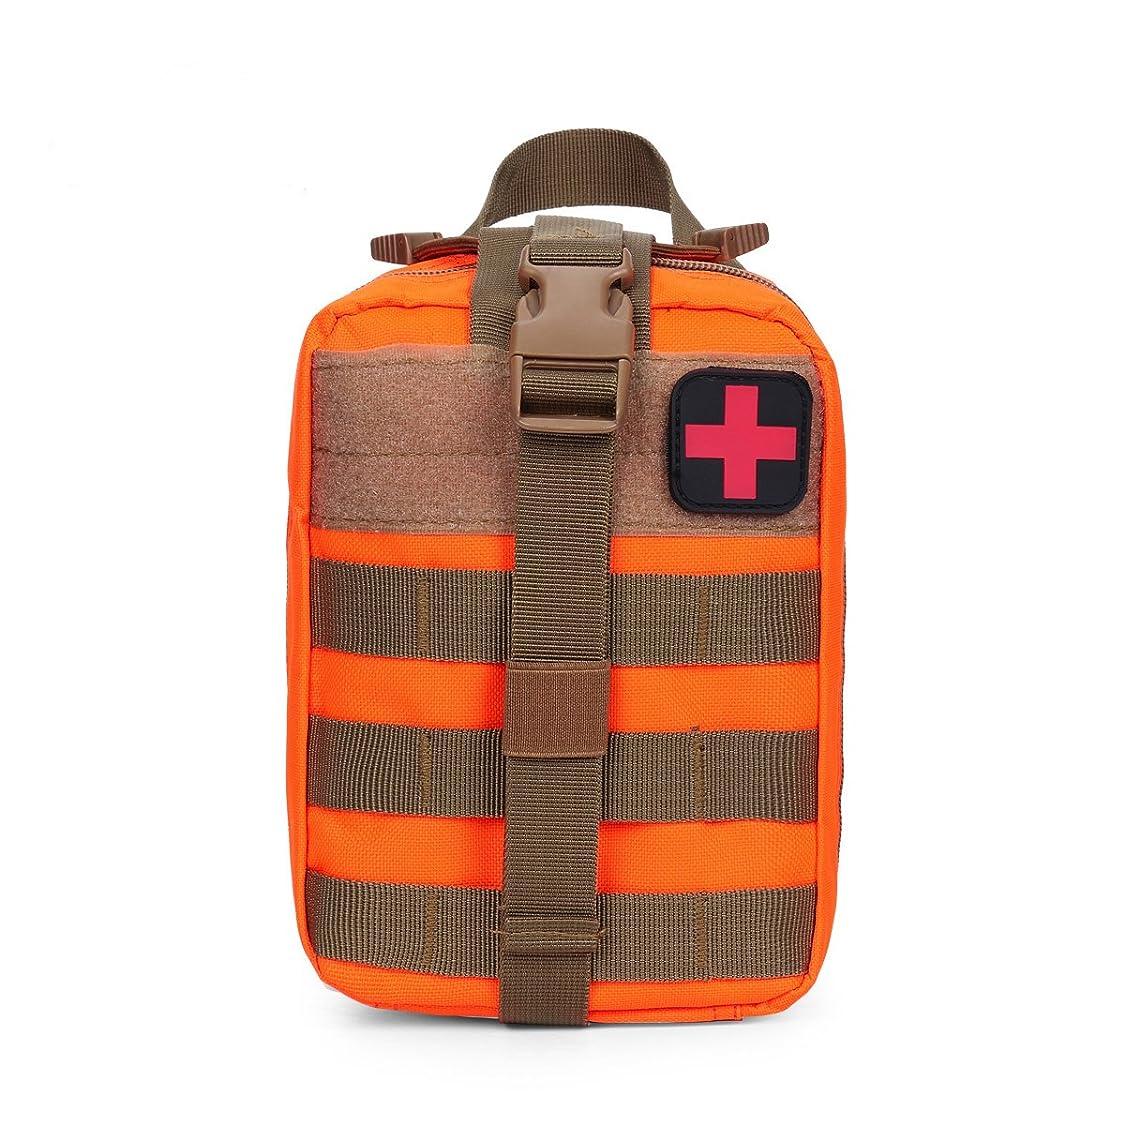 汚物飛ぶ泣いている地震援助キット屋外戦術的な医療応急処置キットMOLLOカーアクセサリーキット外部バッグポータブルキット